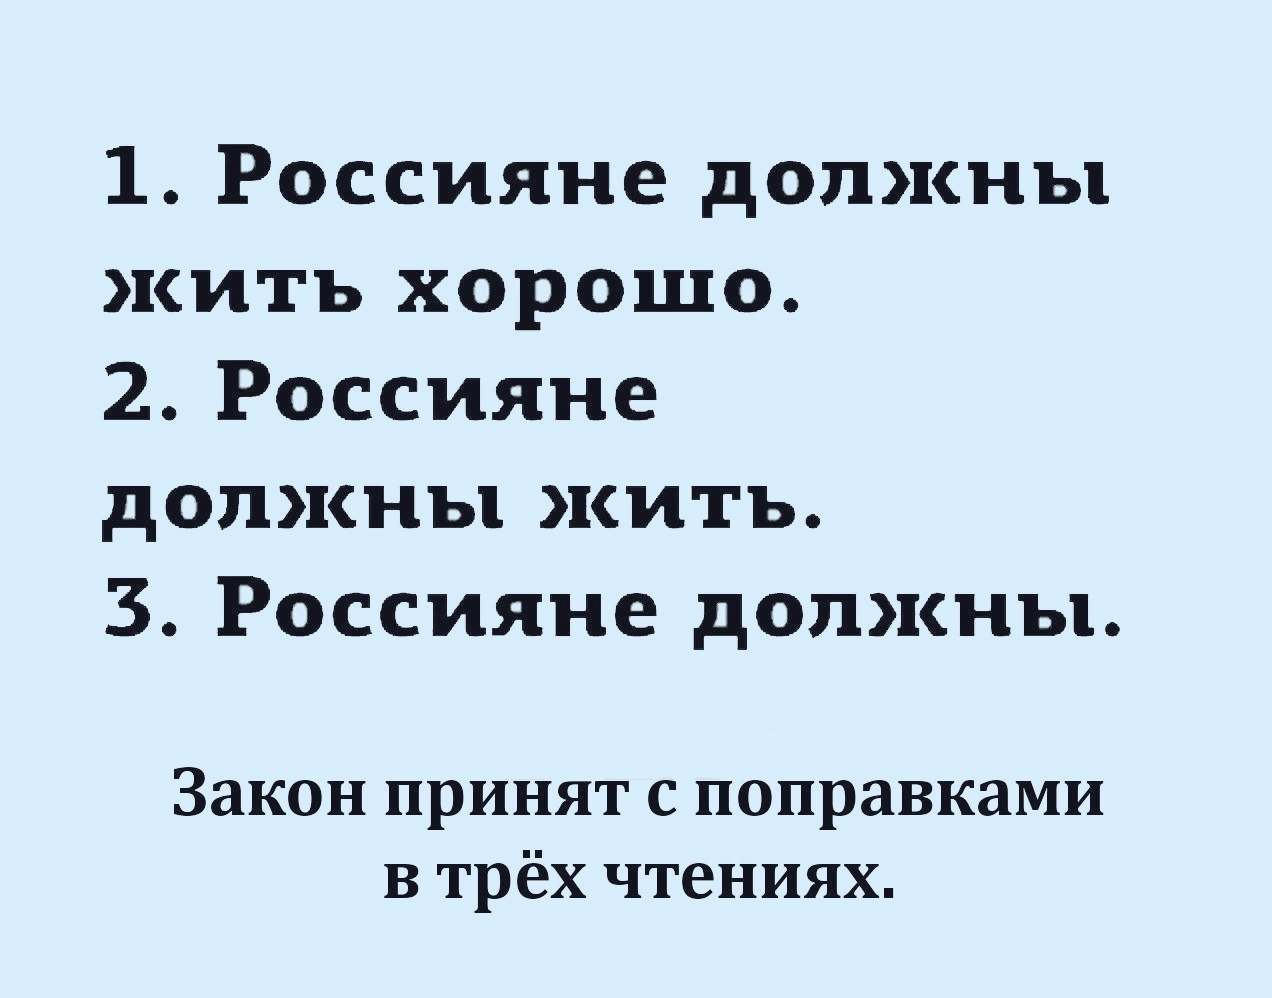 картинка россияне должны жить хорошо кирпичного строения